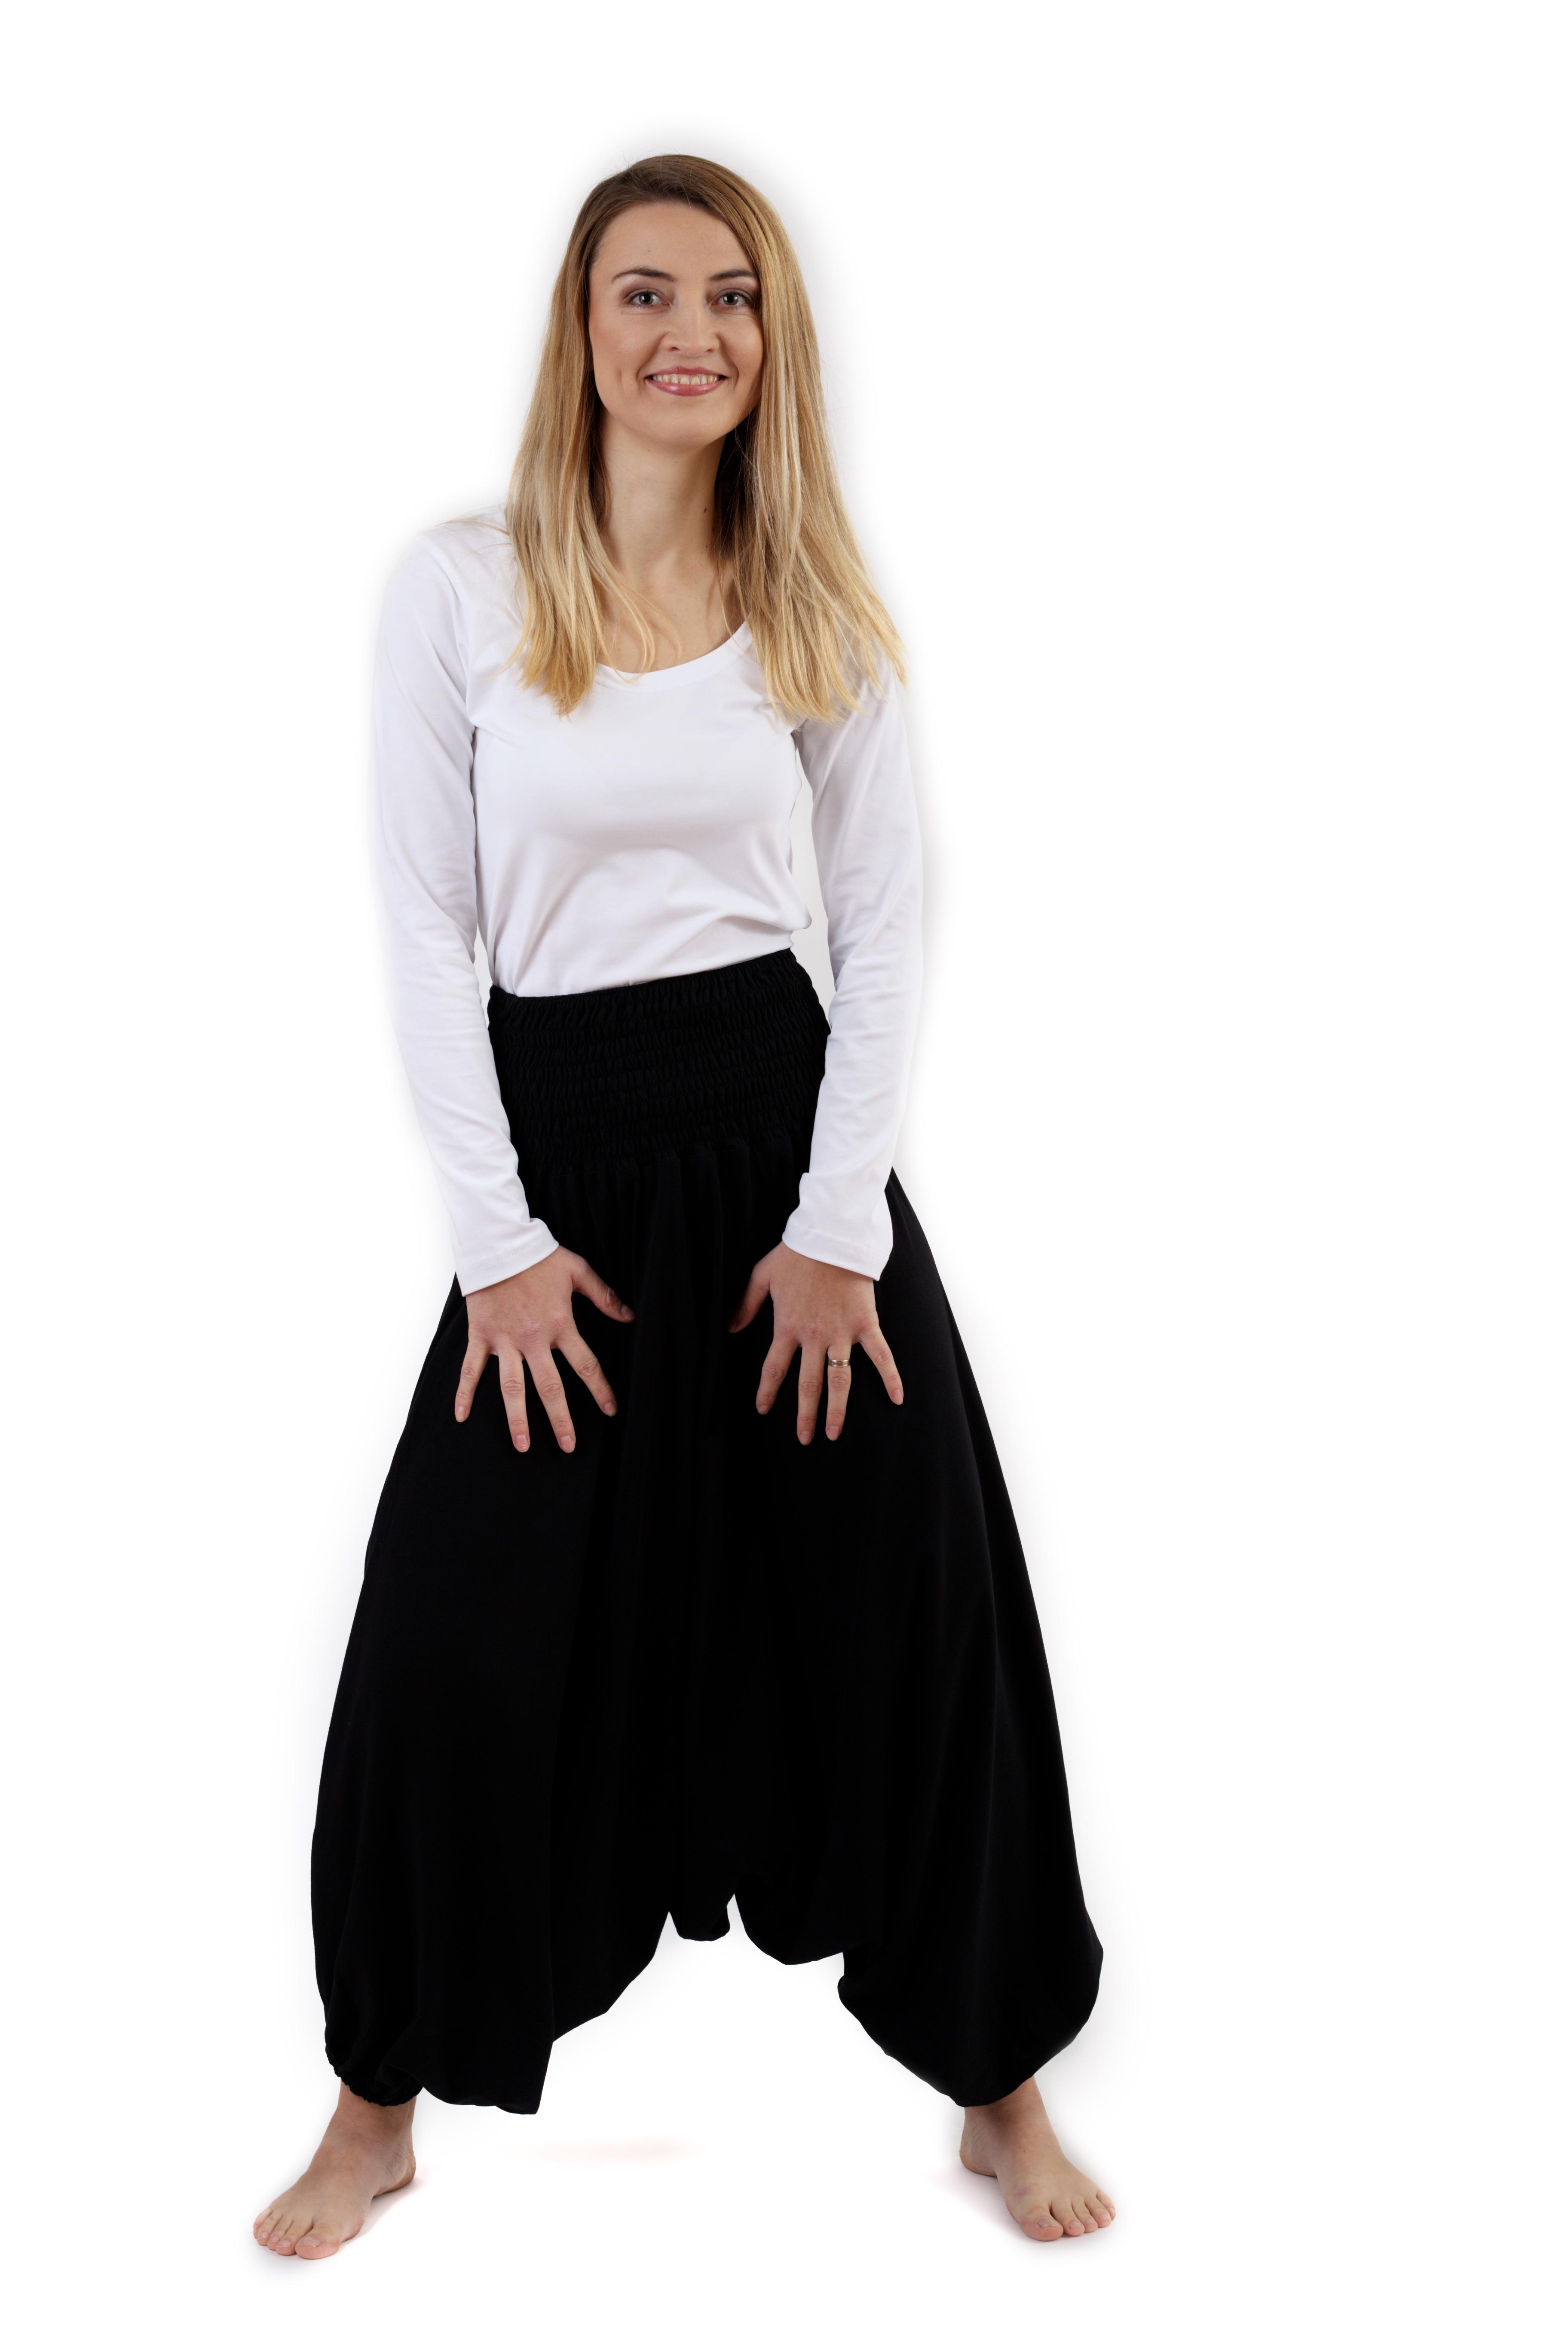 Türkische Hose für Schwangere, schwarz